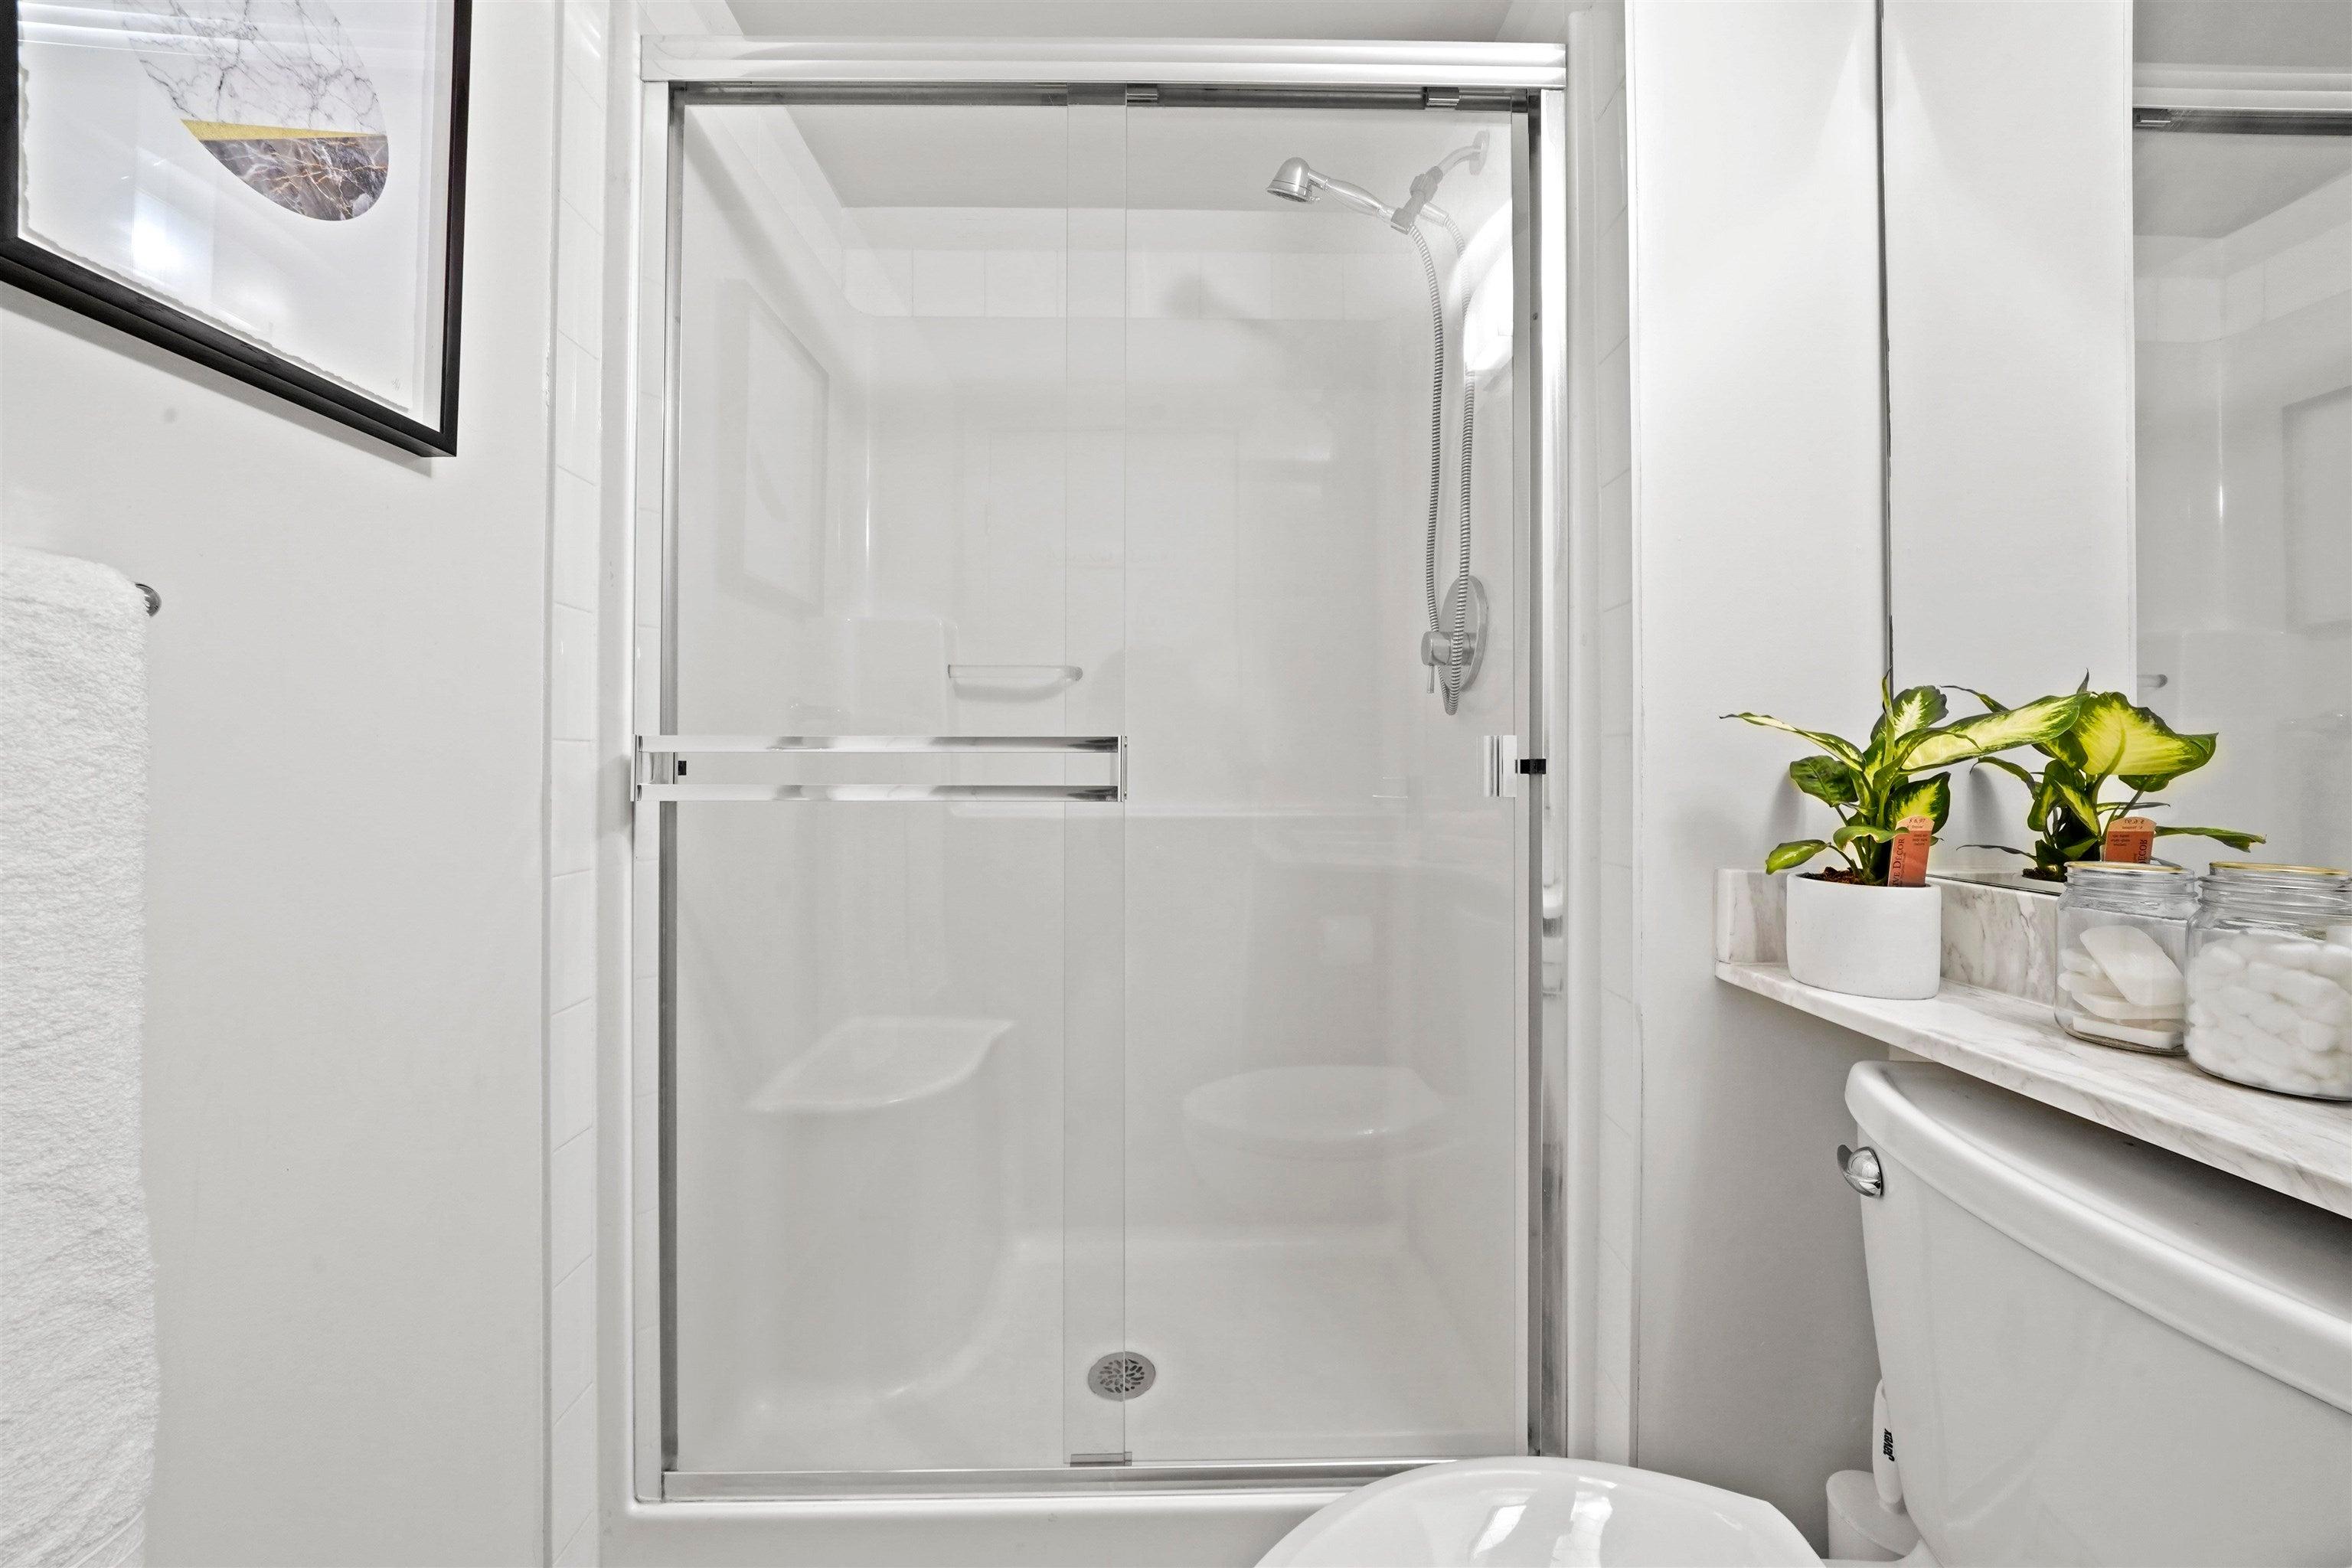 319 1633 MACKAY AVENUE - Pemberton NV Apartment/Condo for sale, 2 Bedrooms (R2624916) - #19